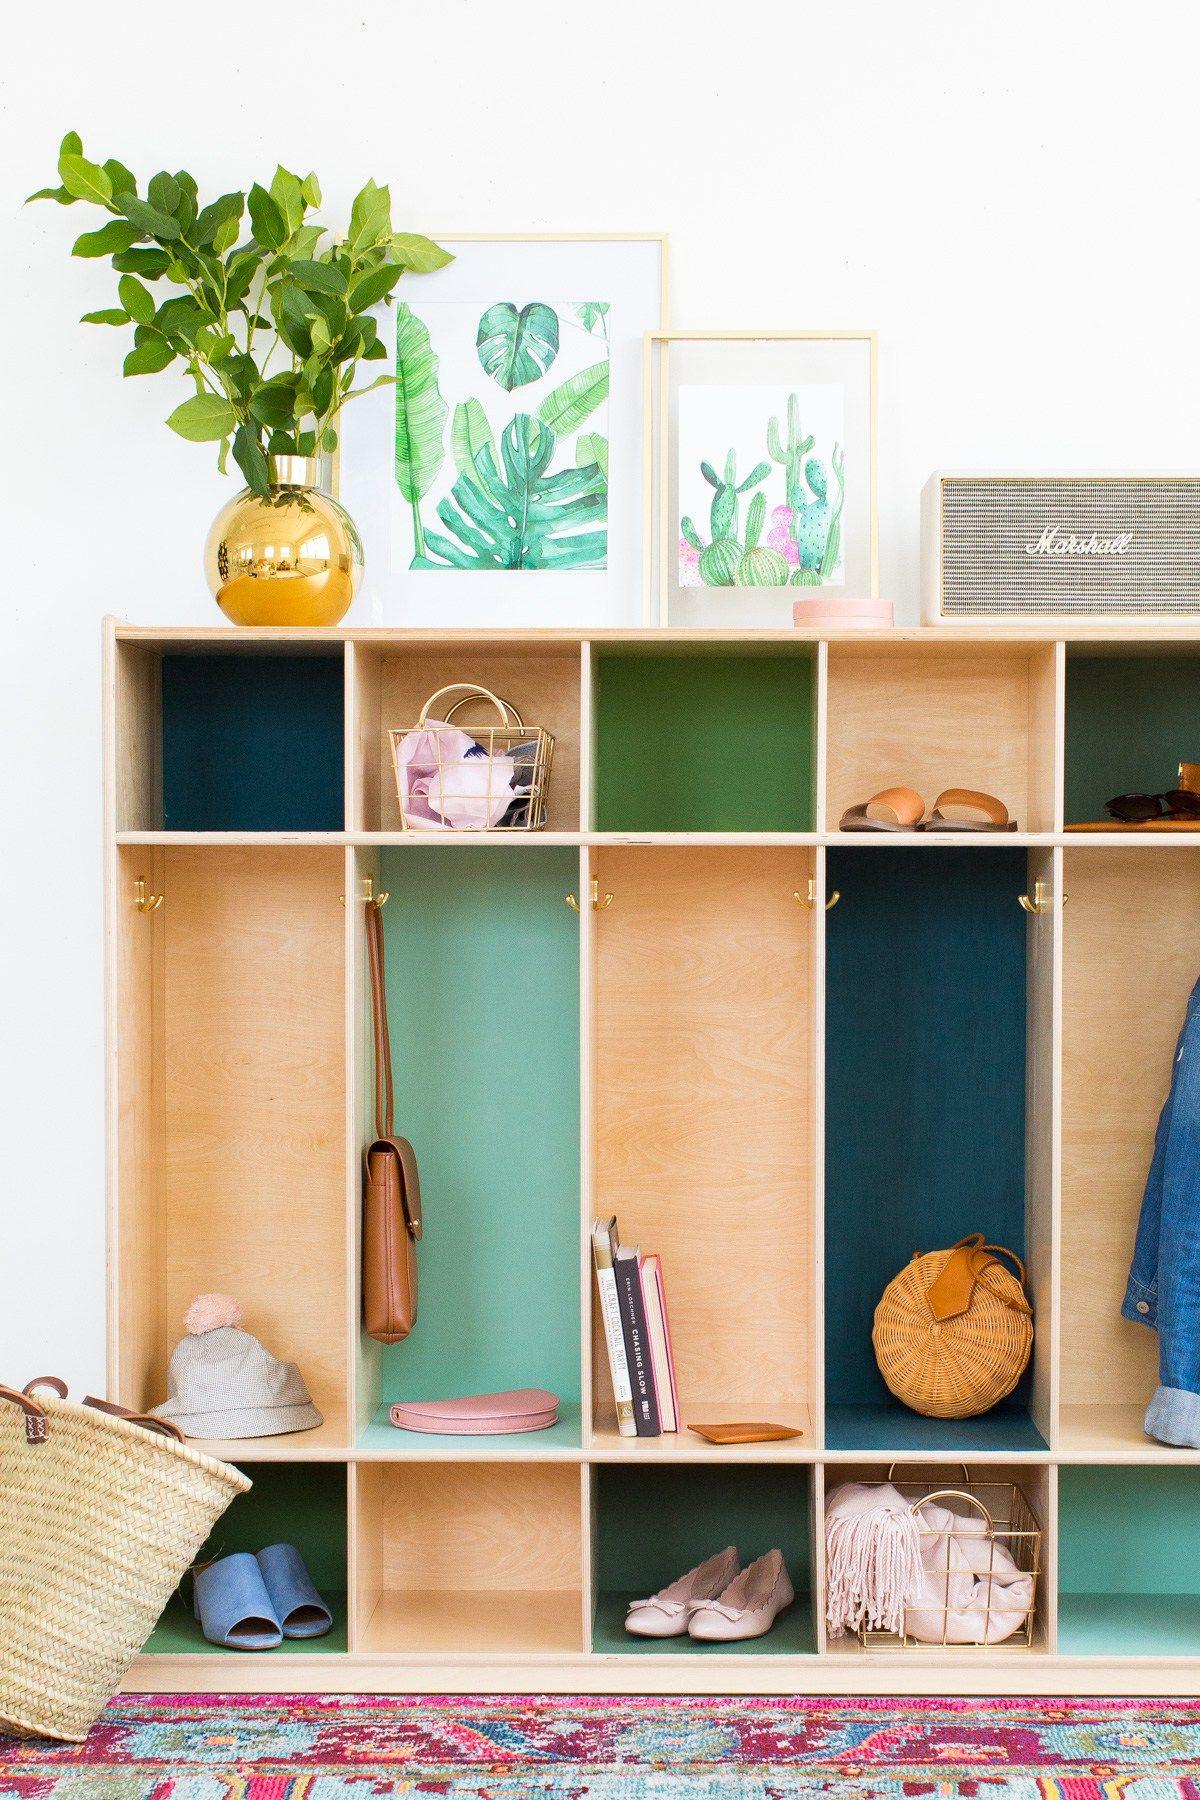 DIY Color Block Storage Lockers | Espacios, Entrada y Muebles de colores